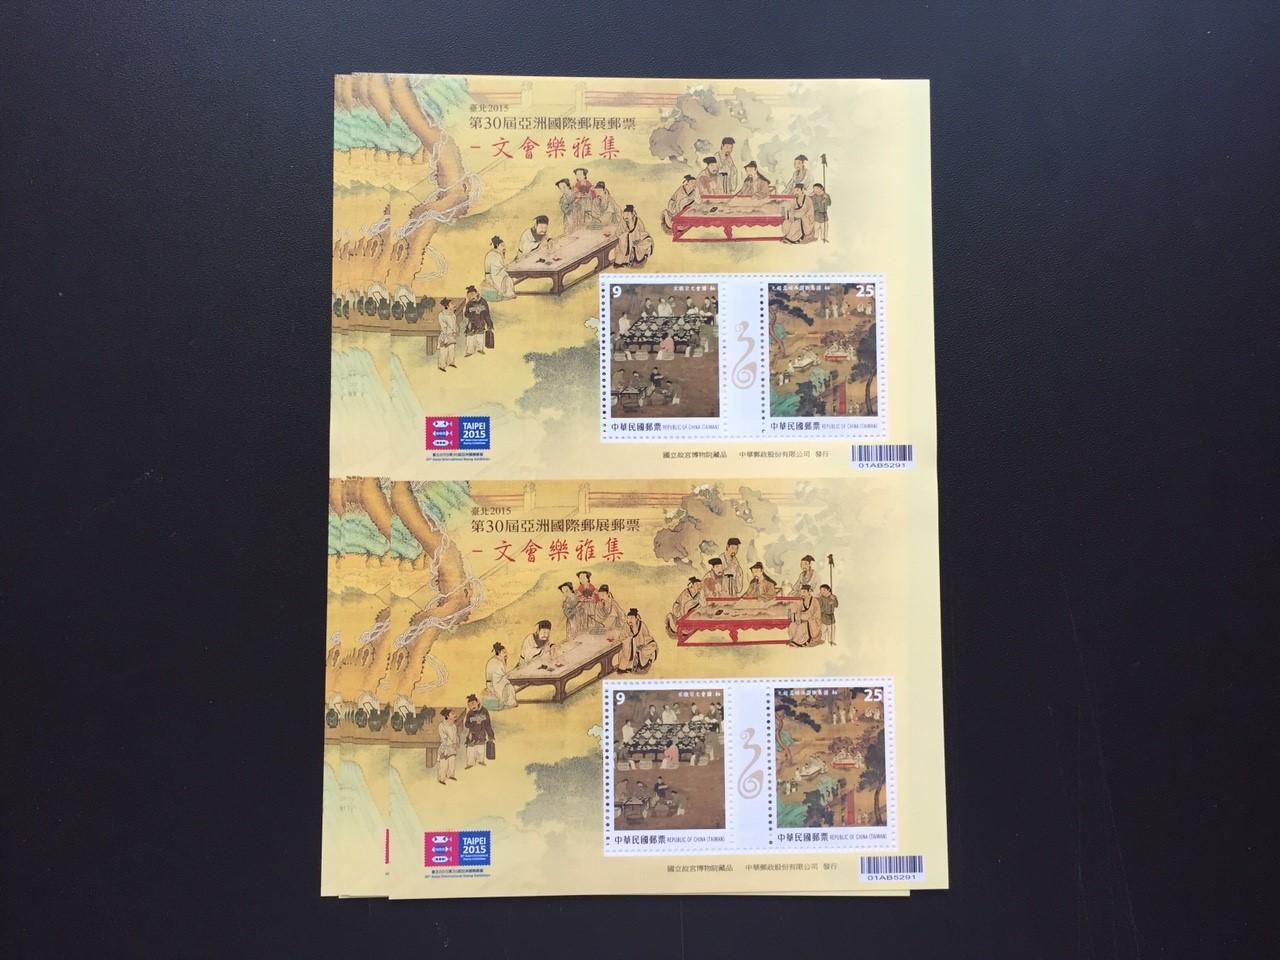 *郵票*文惠樂雅集雙連 3張 可單買